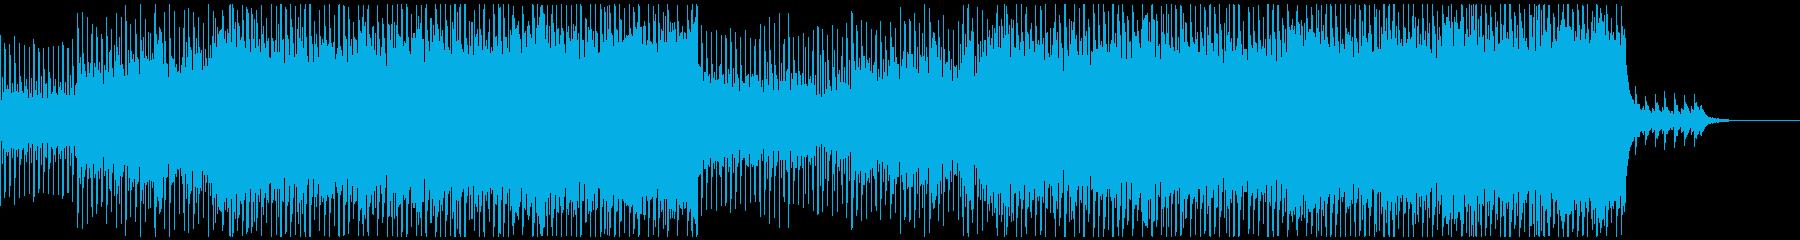 企業VP・オープニング/前向き・感動的の再生済みの波形